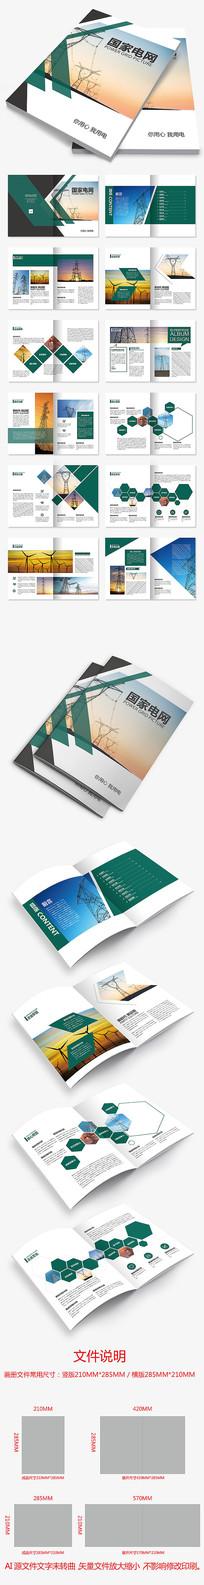 国网国家电网电力公司画册绿色电网画册